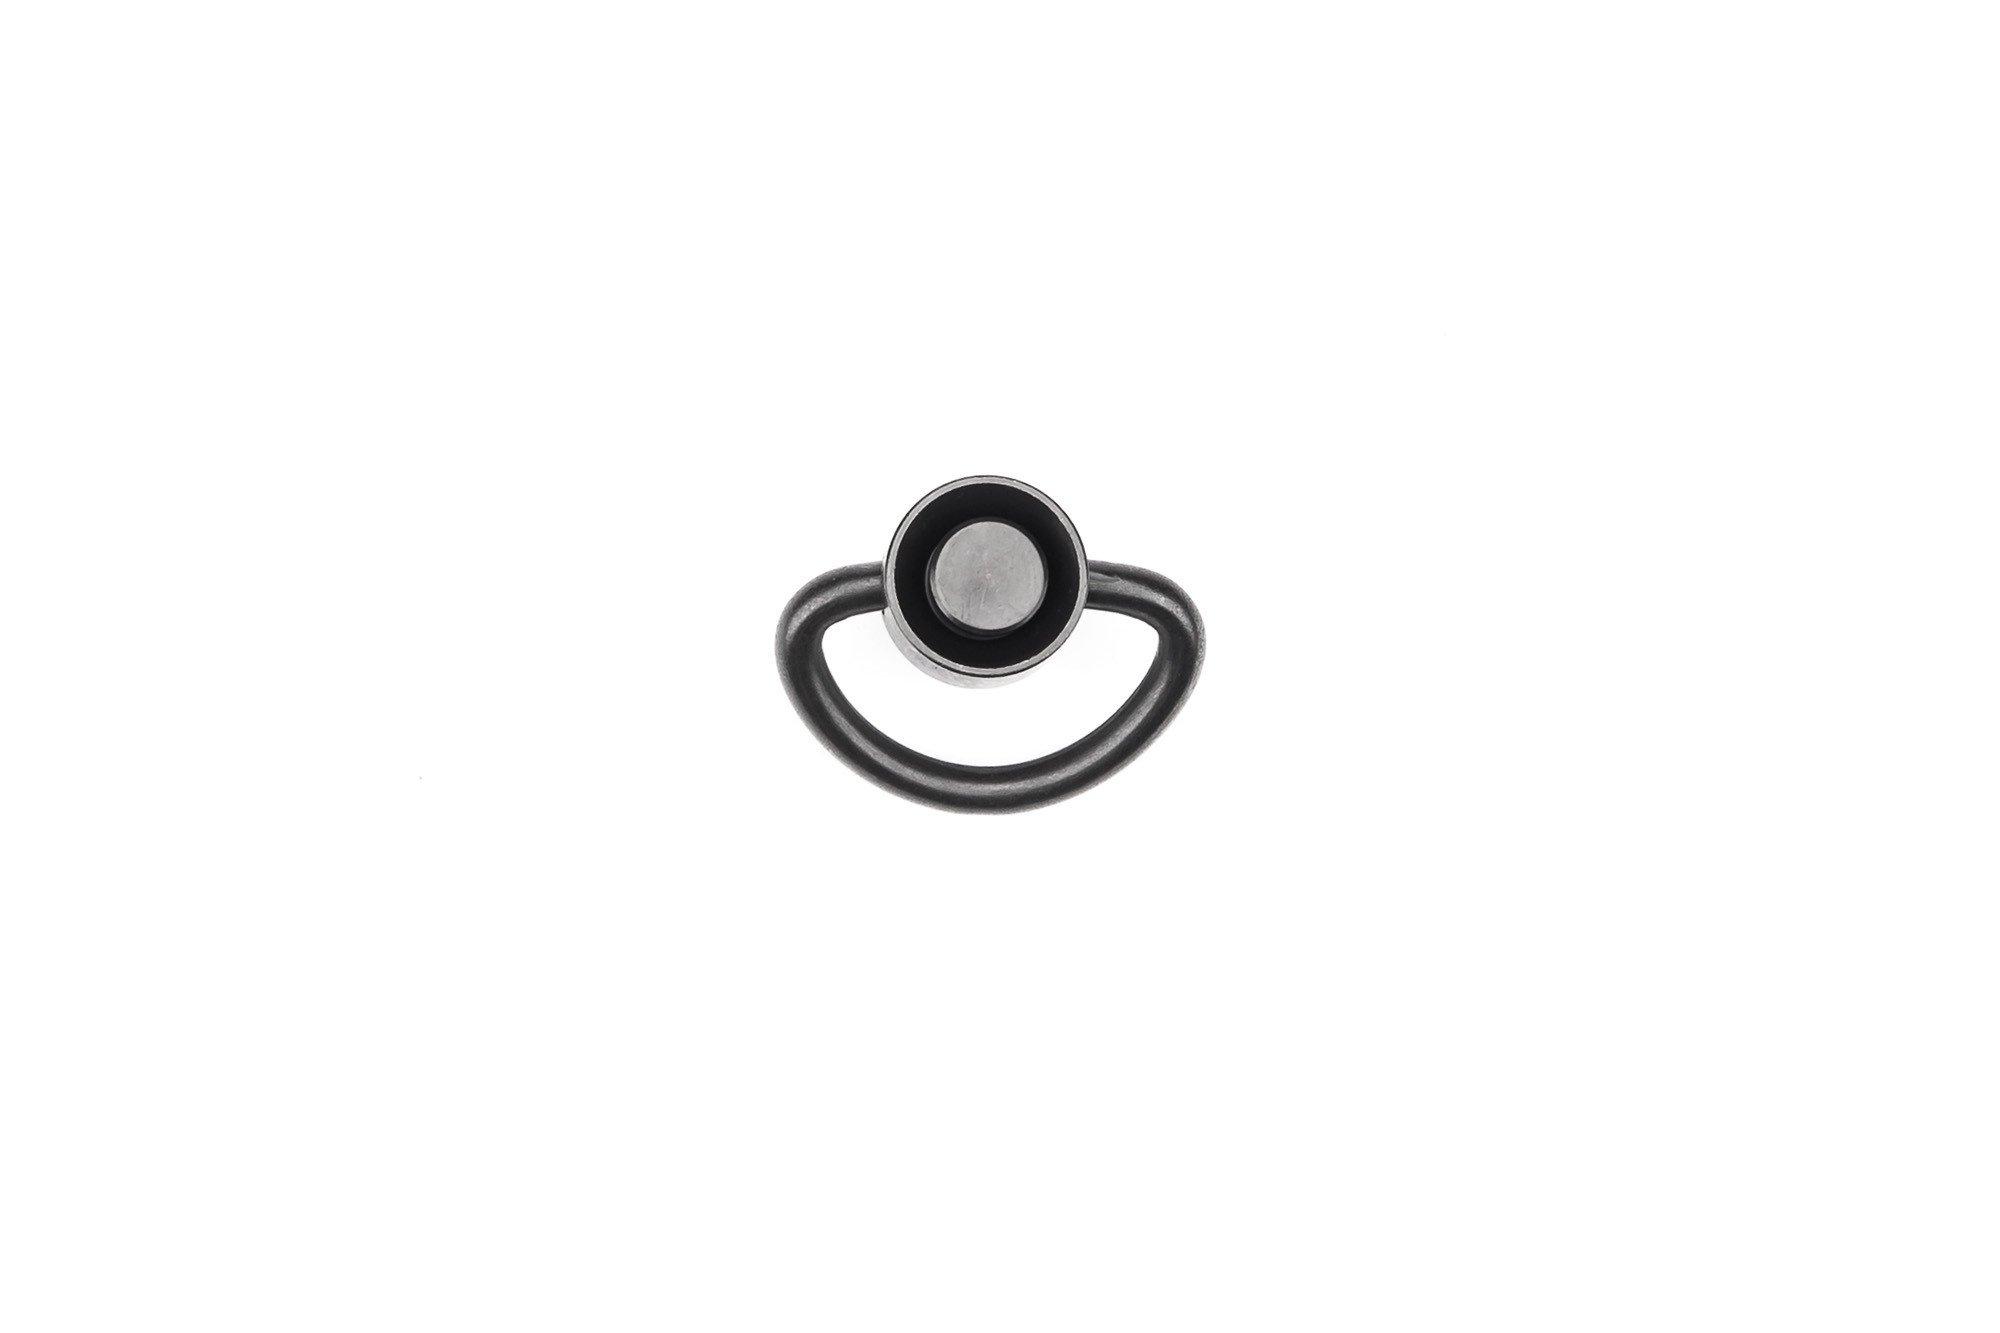 Small D-Loop QD Sling Swivel